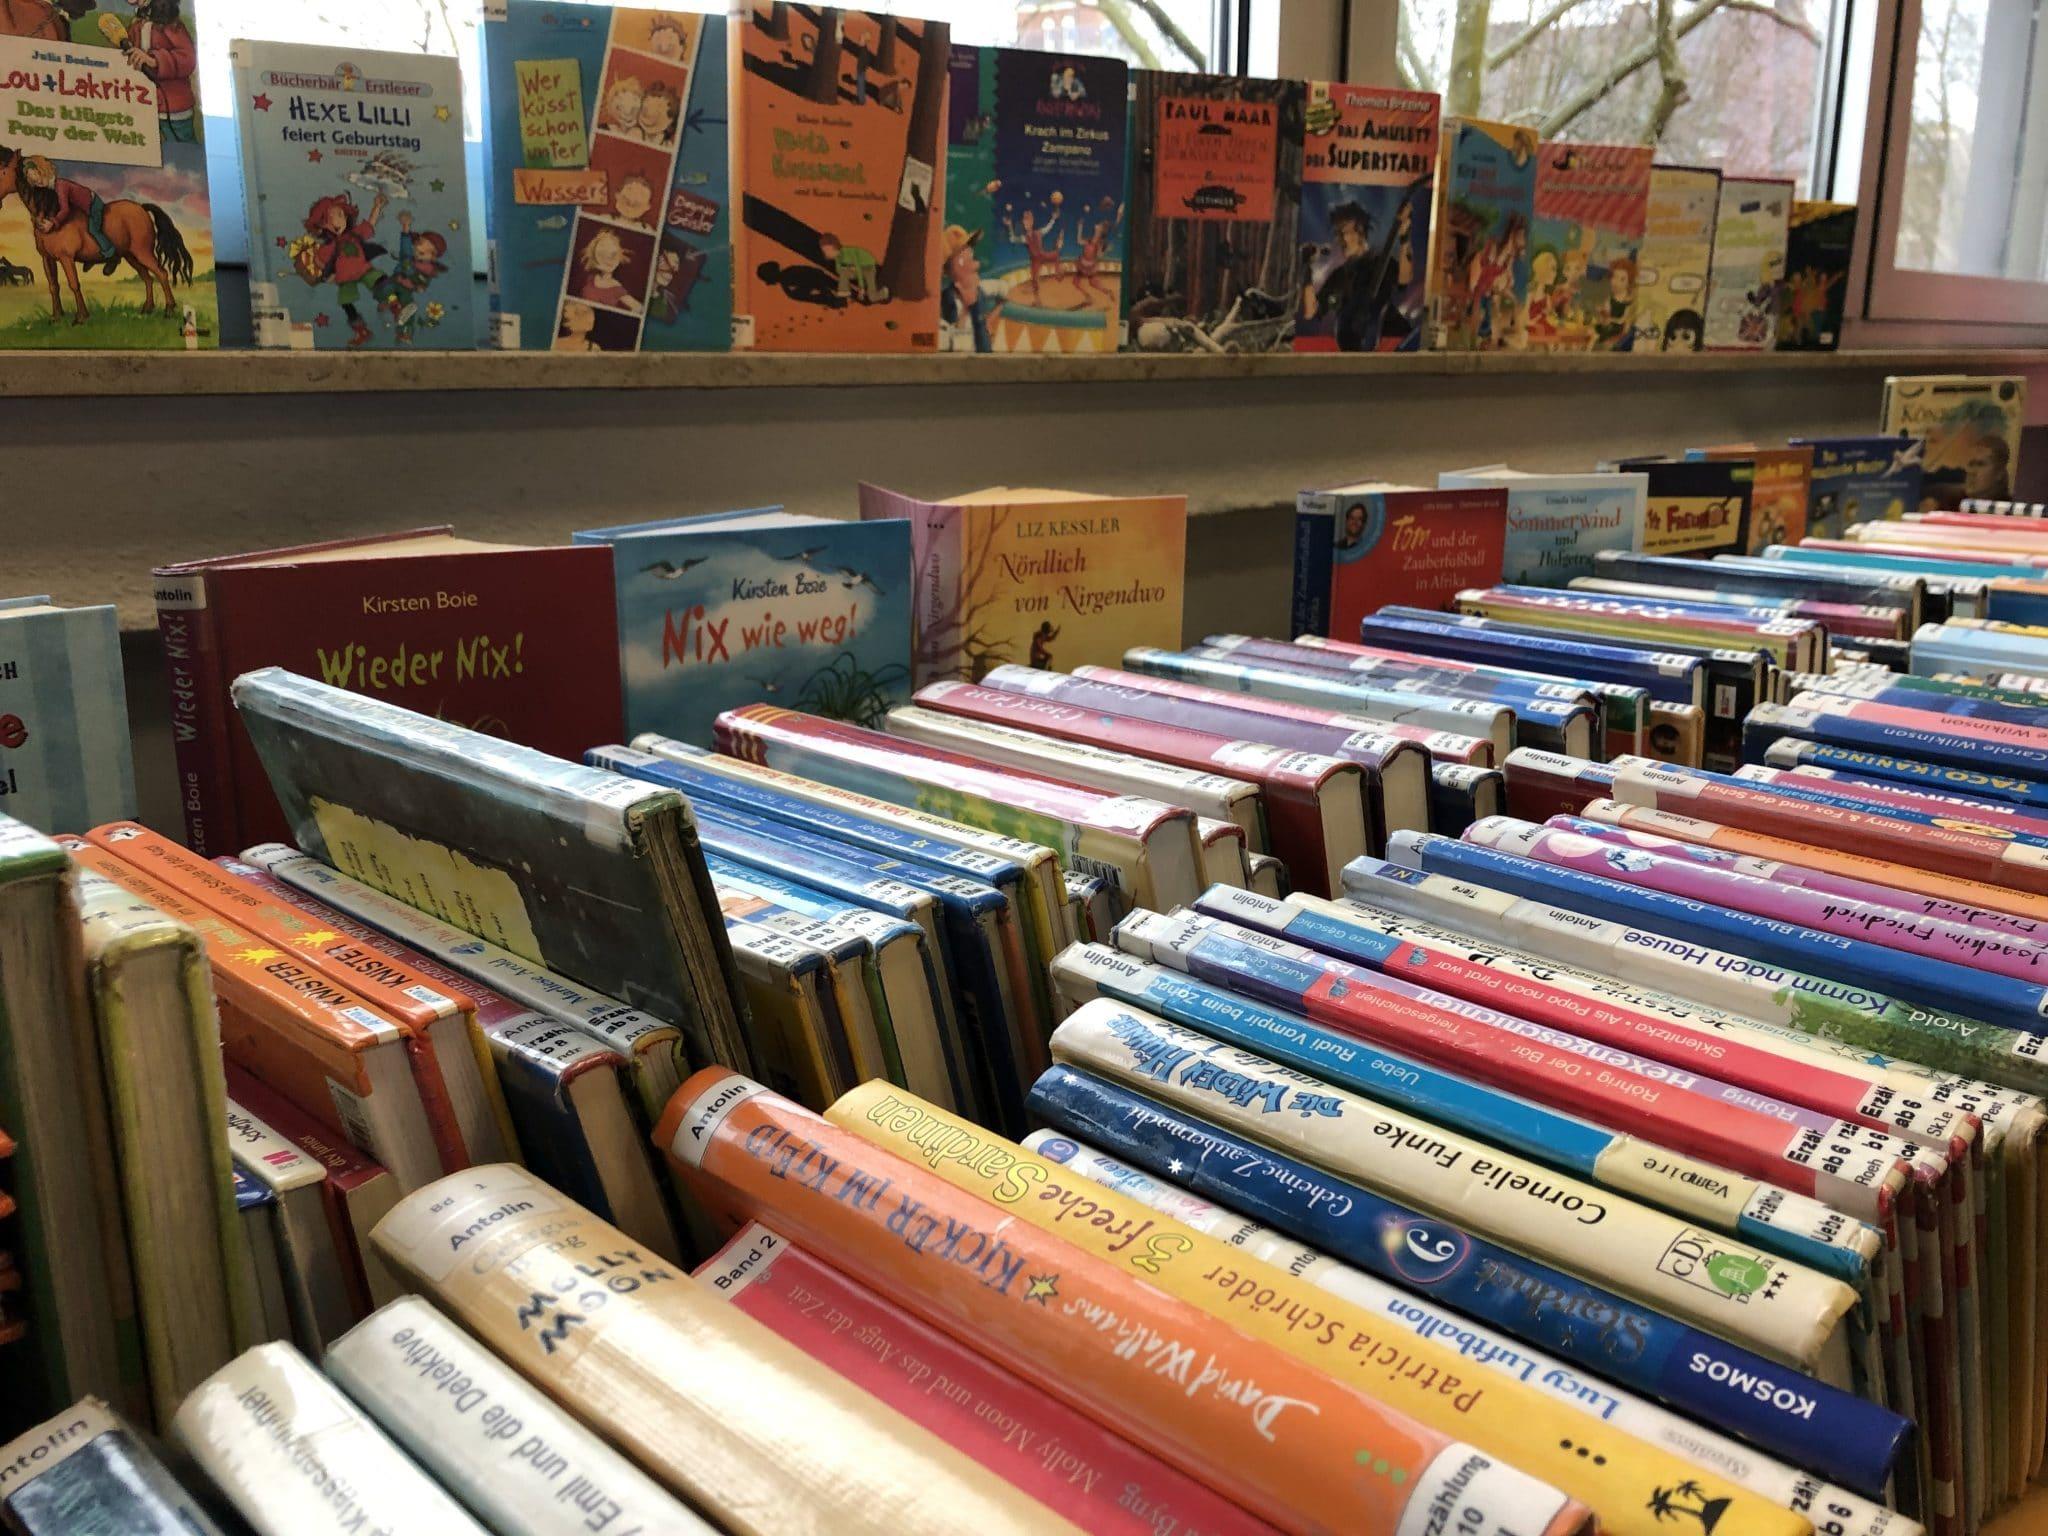 Farbige Exhibitionistin Wird In Der Bibliothek Gebumst